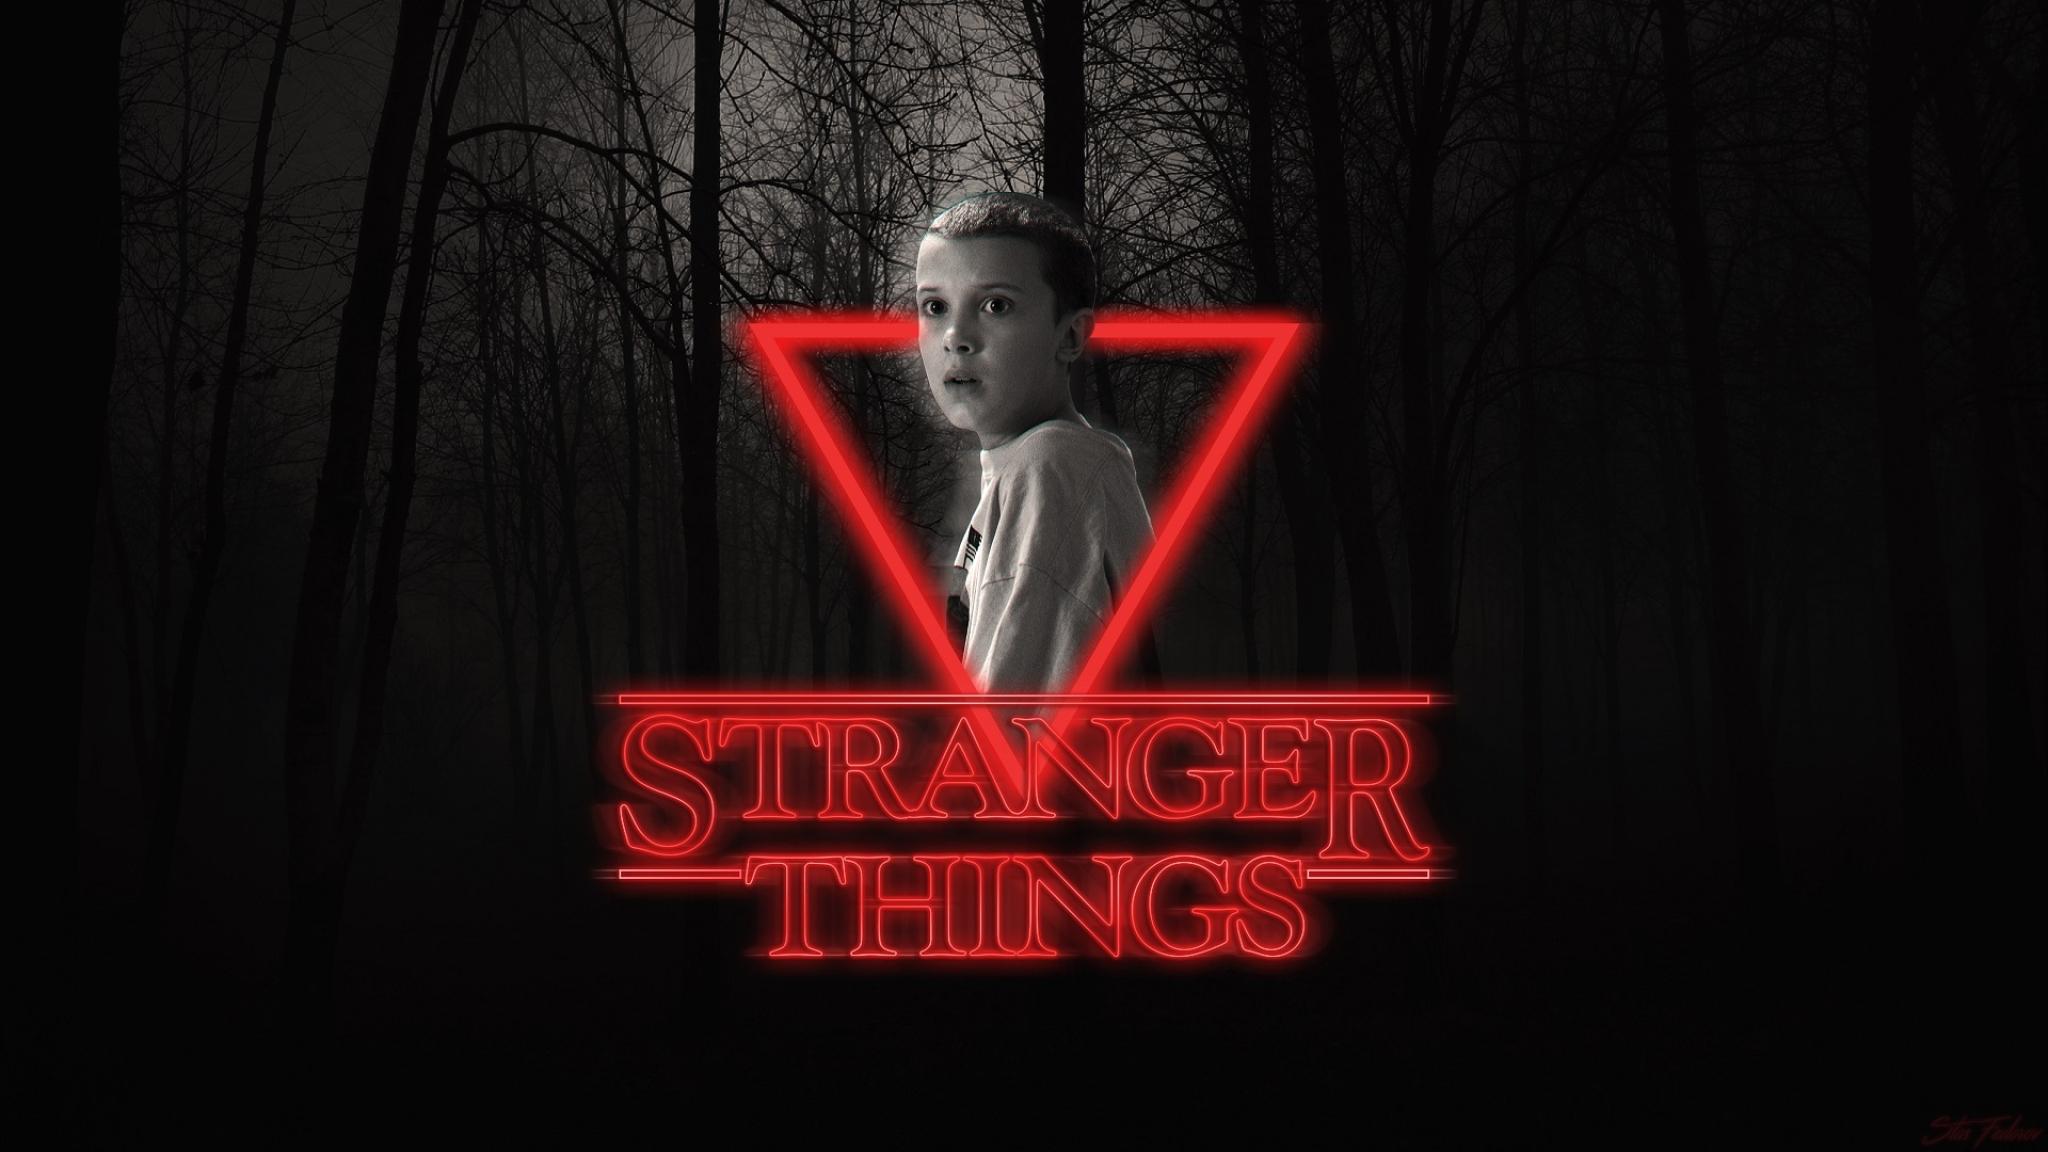 Stranger things eleven neon poster full hd wallpaper - Stranger things desktop wallpaper ...